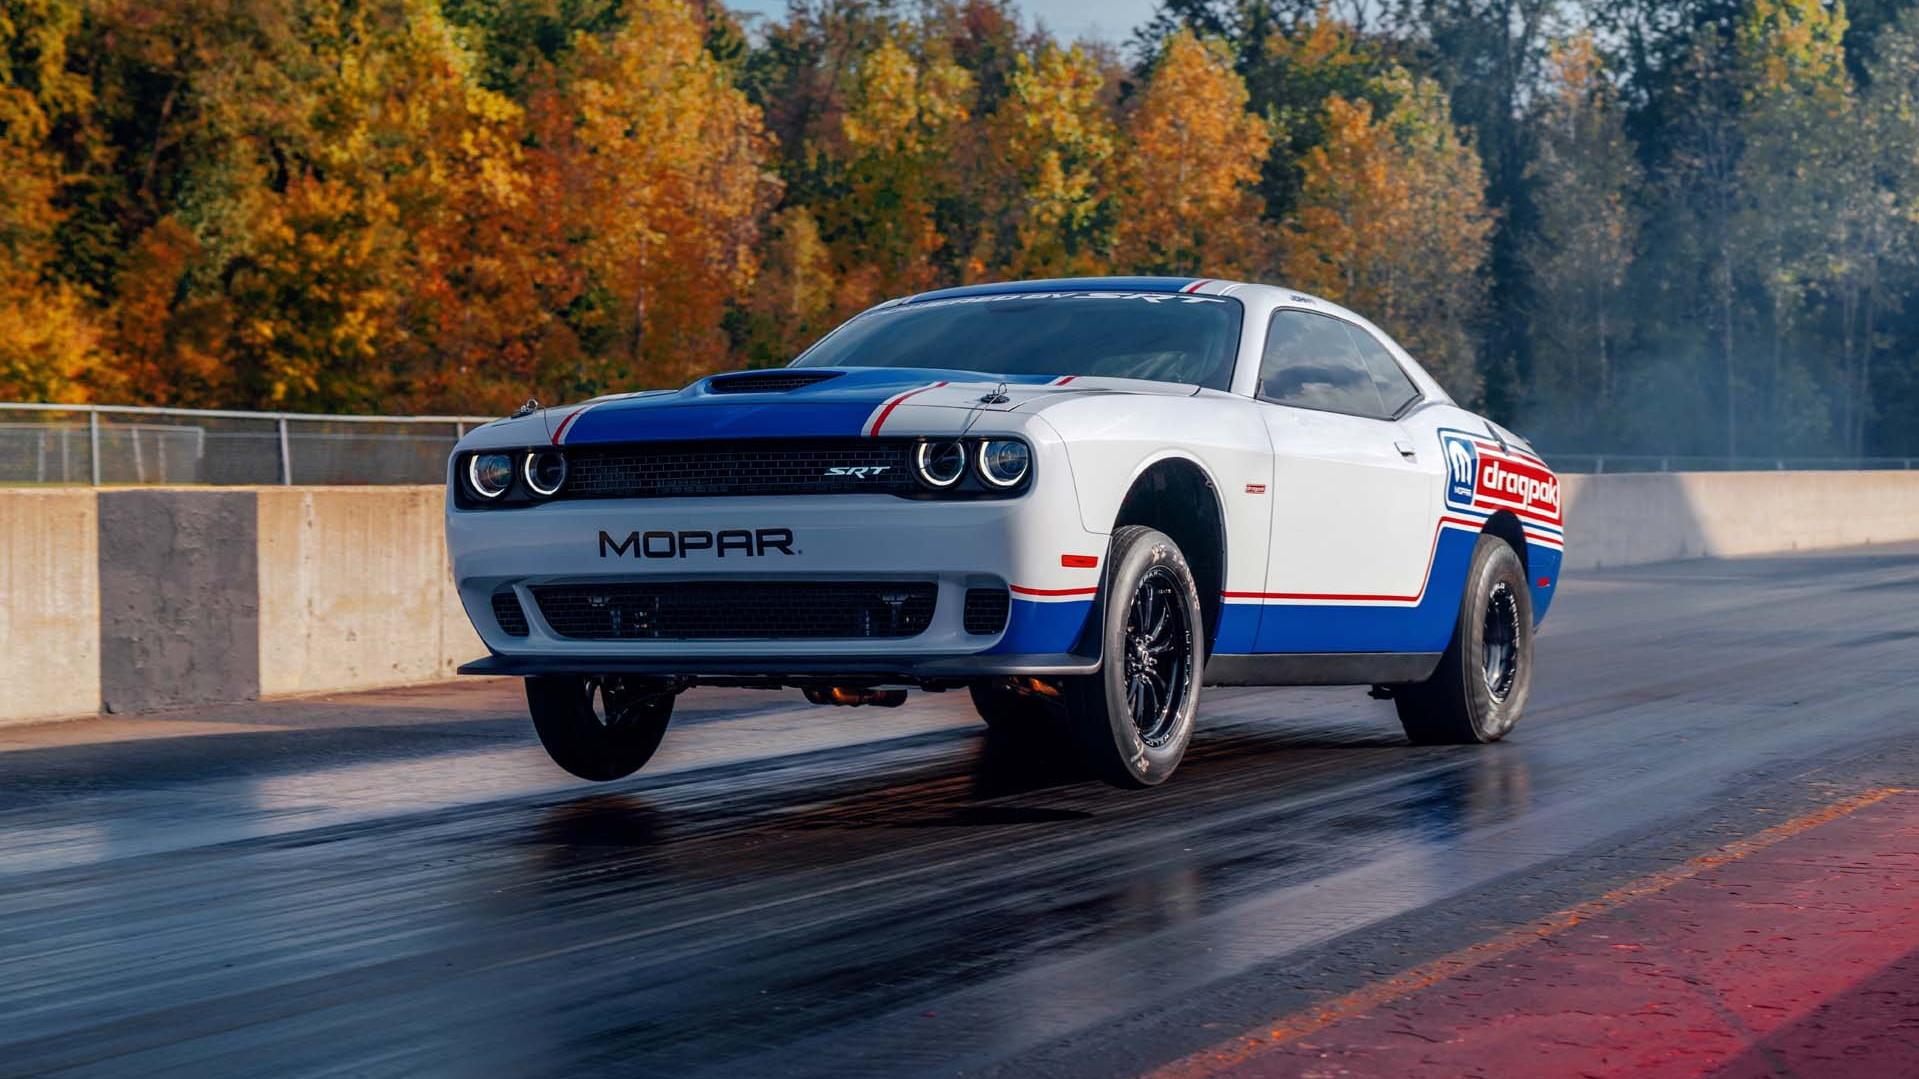 2020 Dodge Challeneger Drag Pak